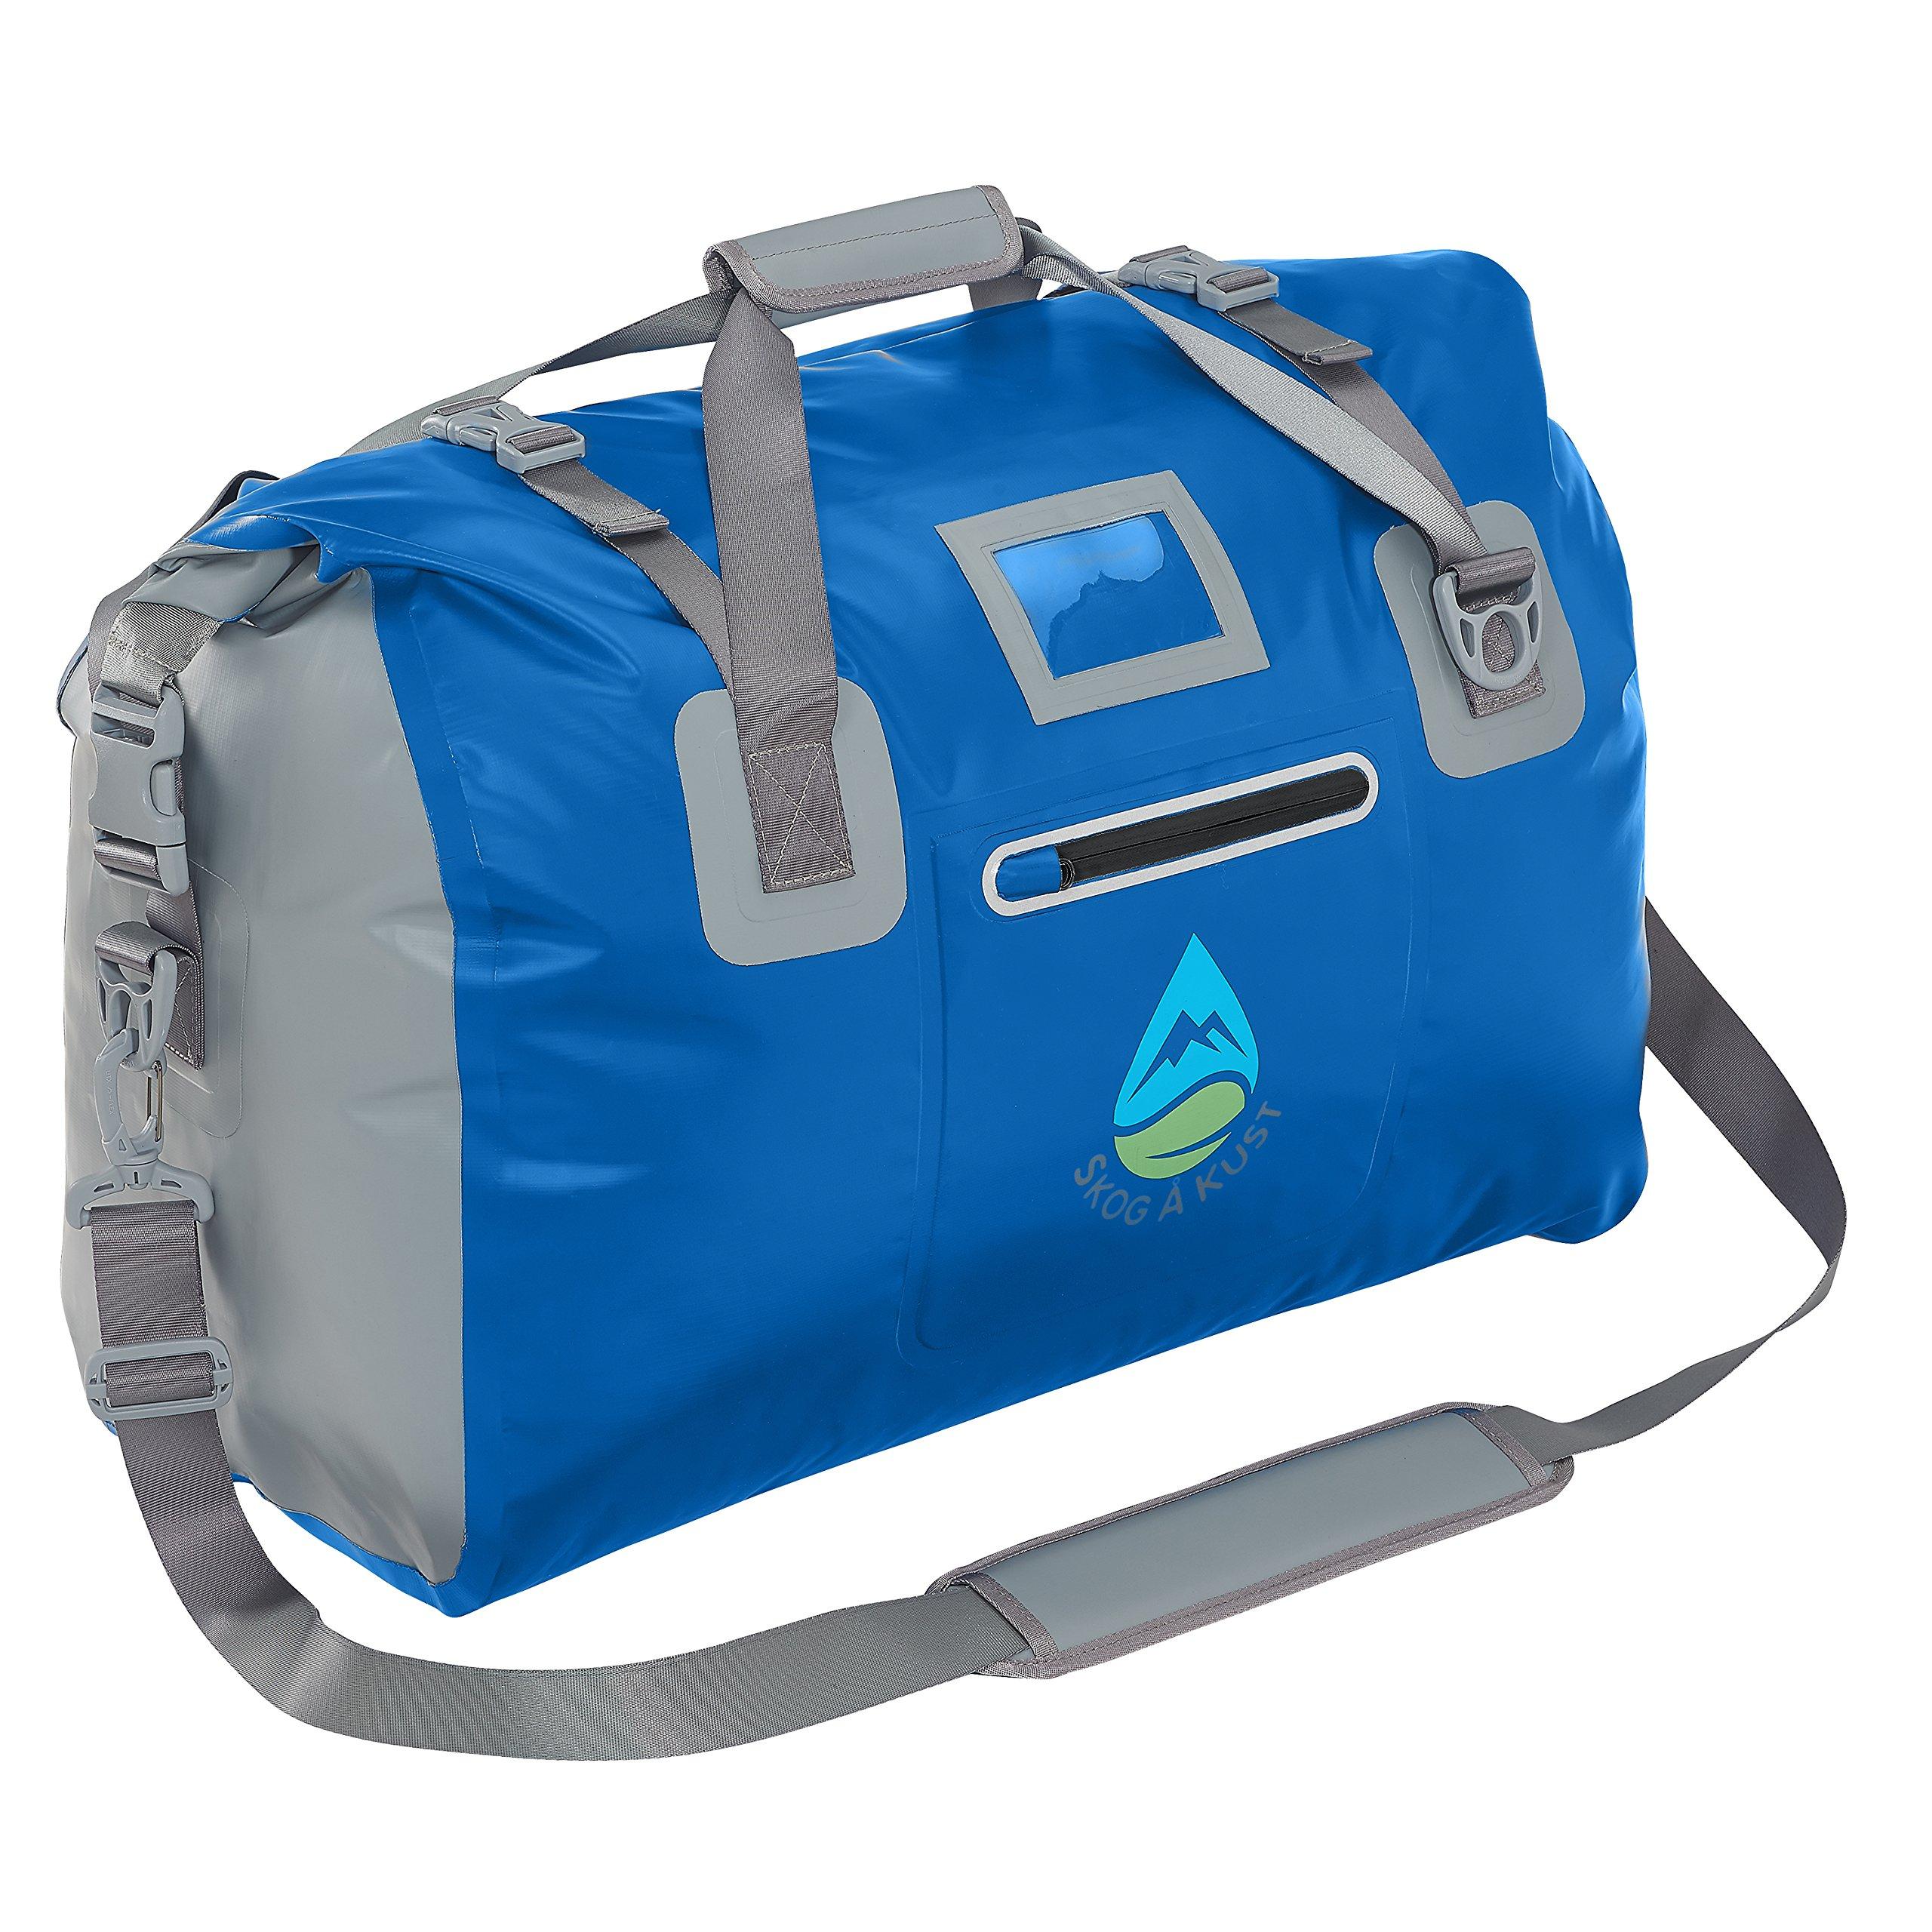 Skog Å Kust DuffelSåk Waterproof Duffle Bag | 40L Navy Blue by Skog Å Kust